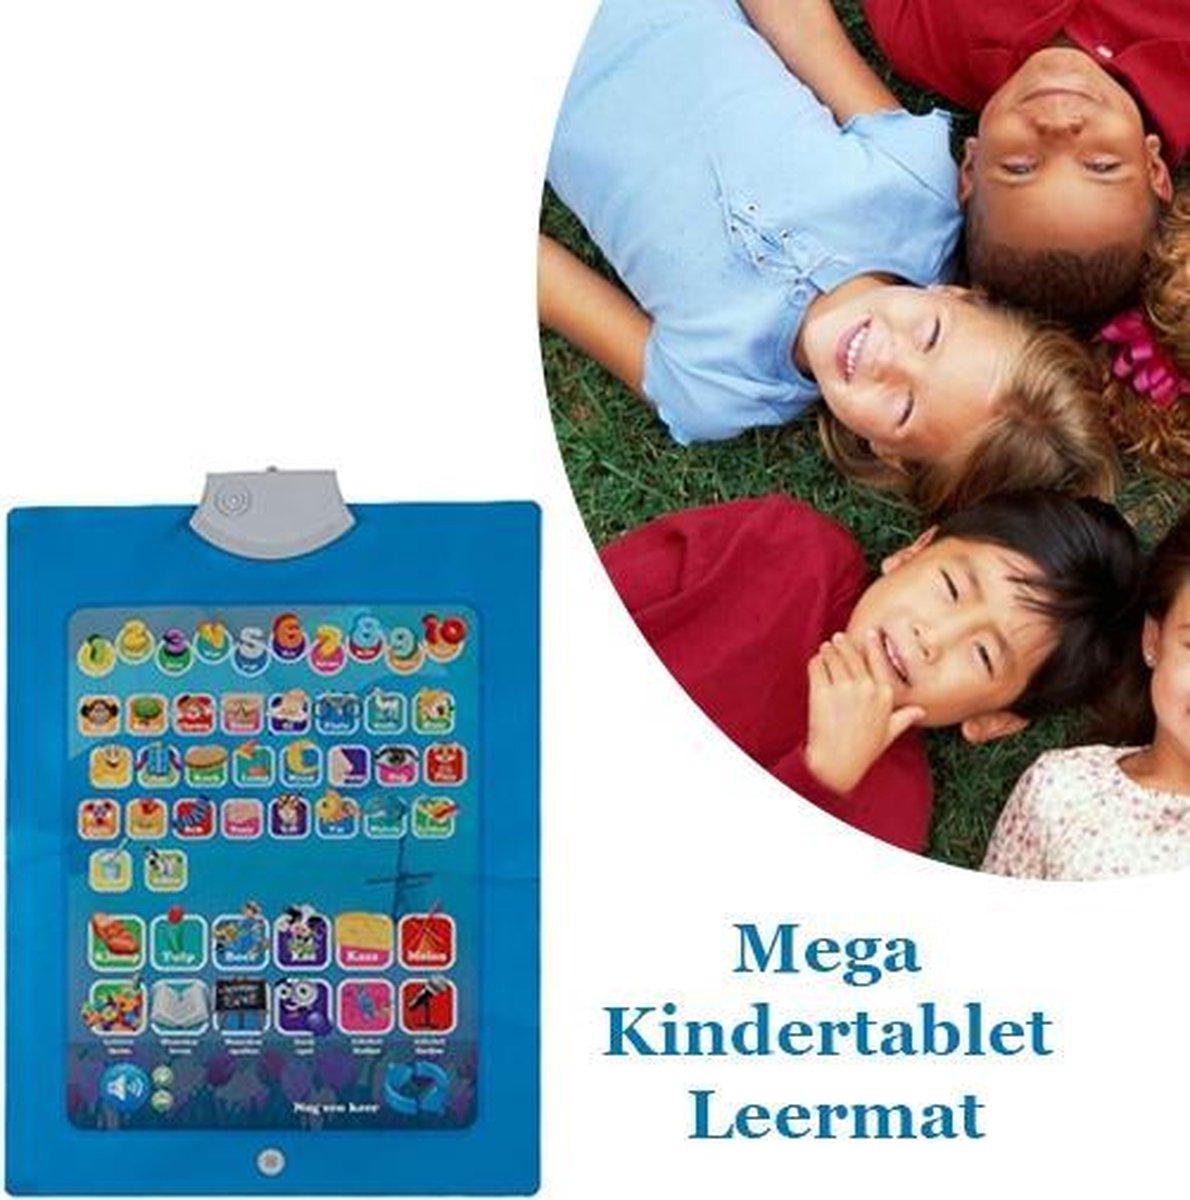 Spelen en tegelijkertijd leren met de Mega Kindertablet Leermat